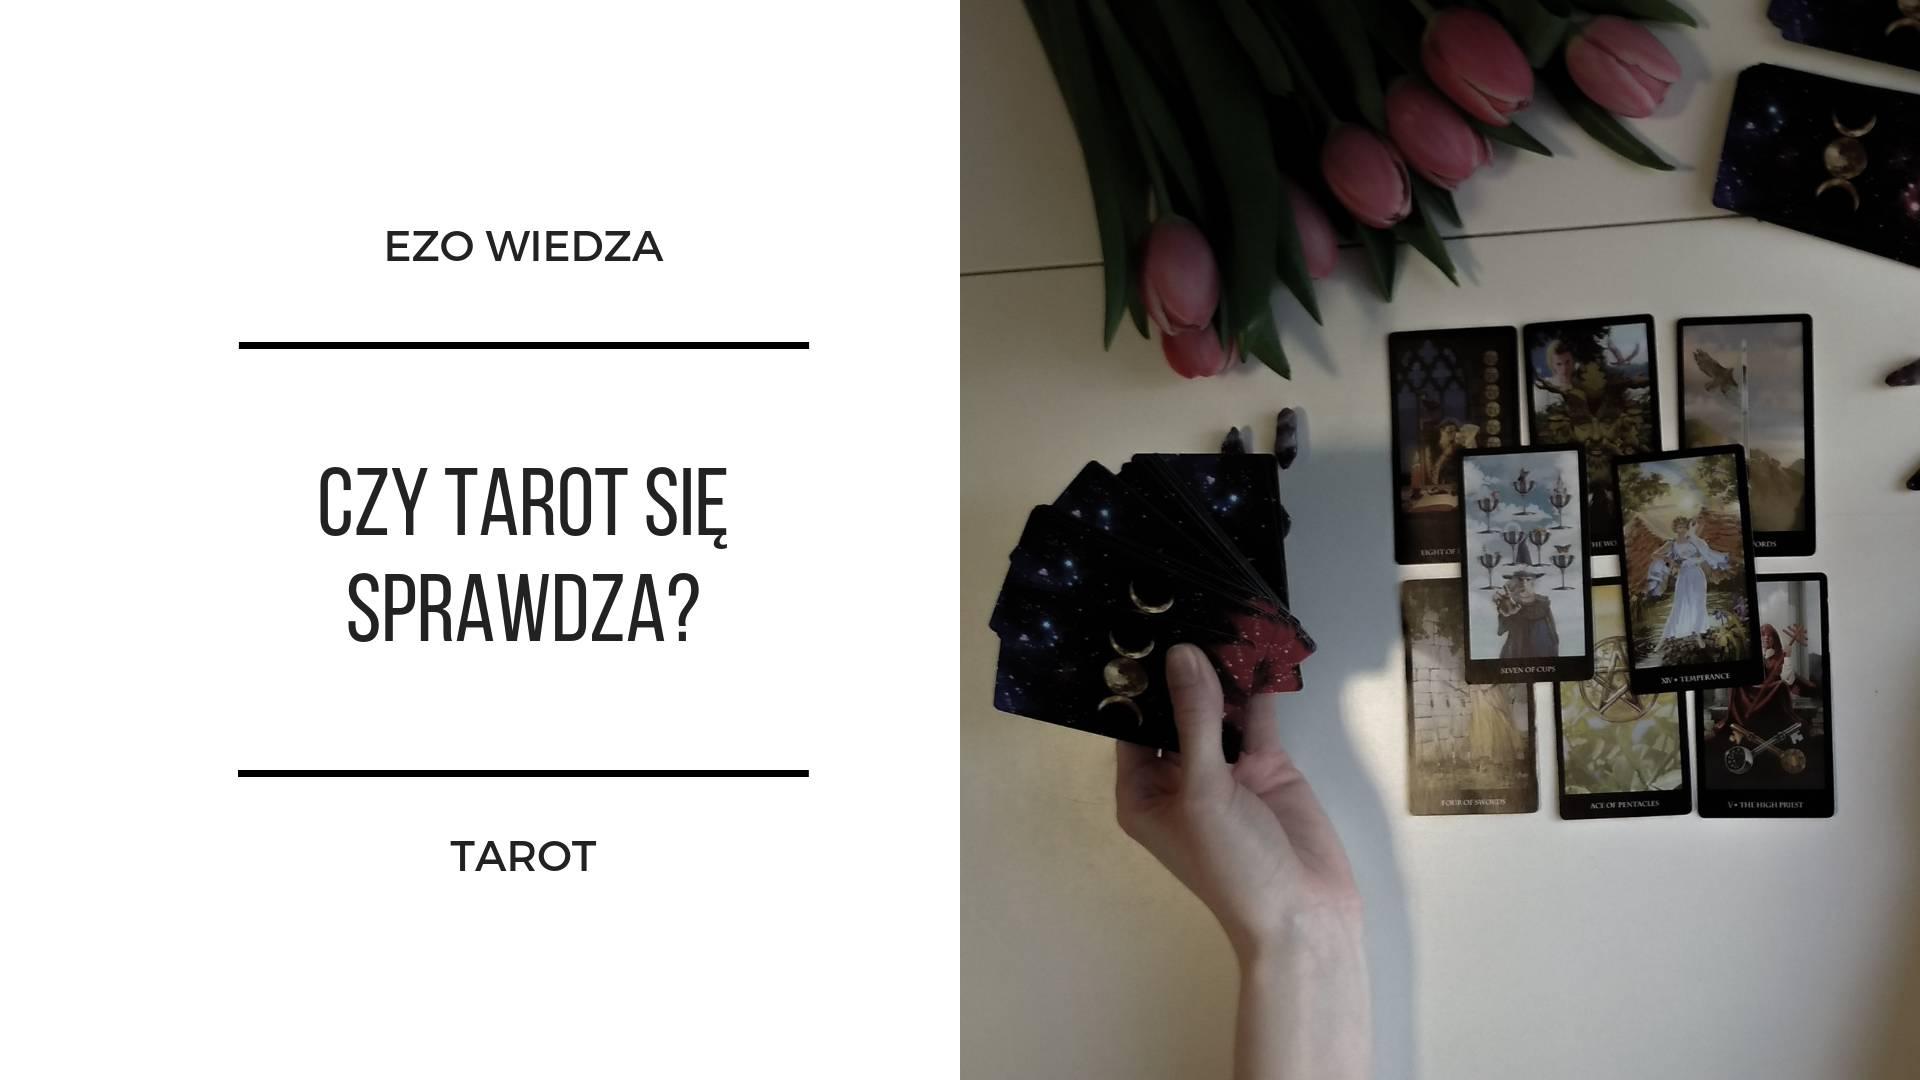 Czy Tarot się sprawdza? 2